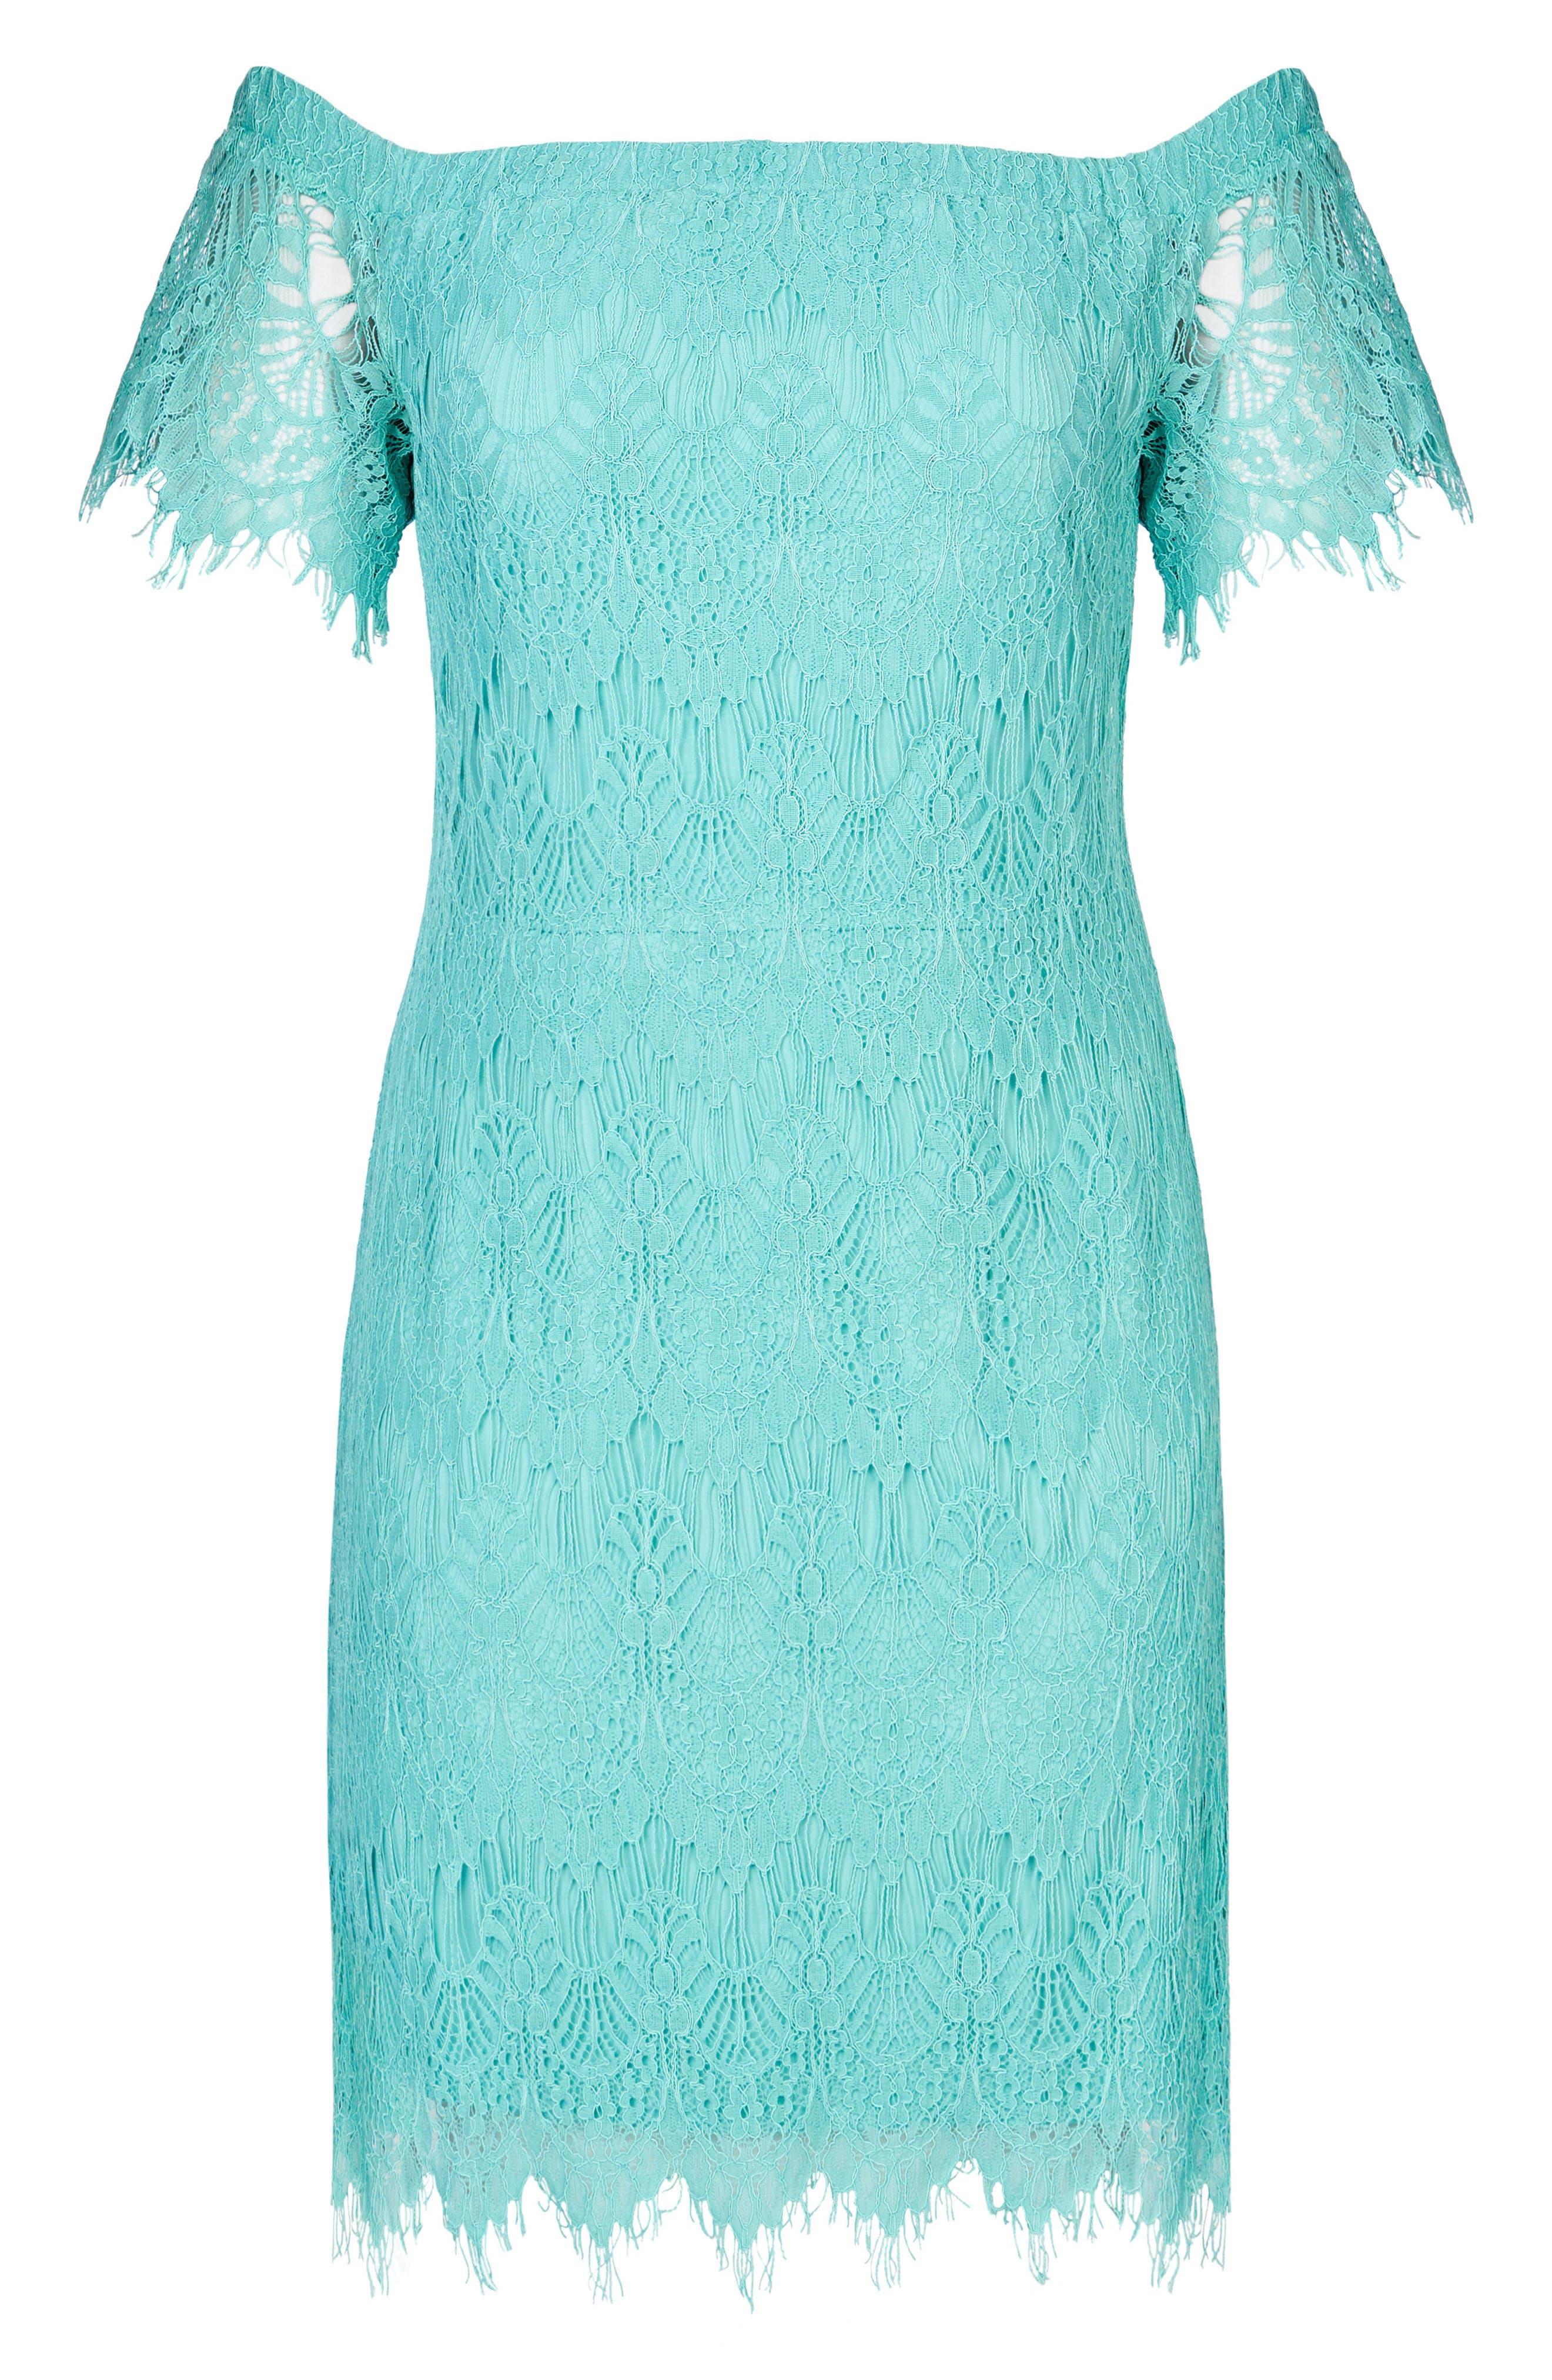 Off the Shoulder Lace Dress,                             Alternate thumbnail 3, color,                             MINT